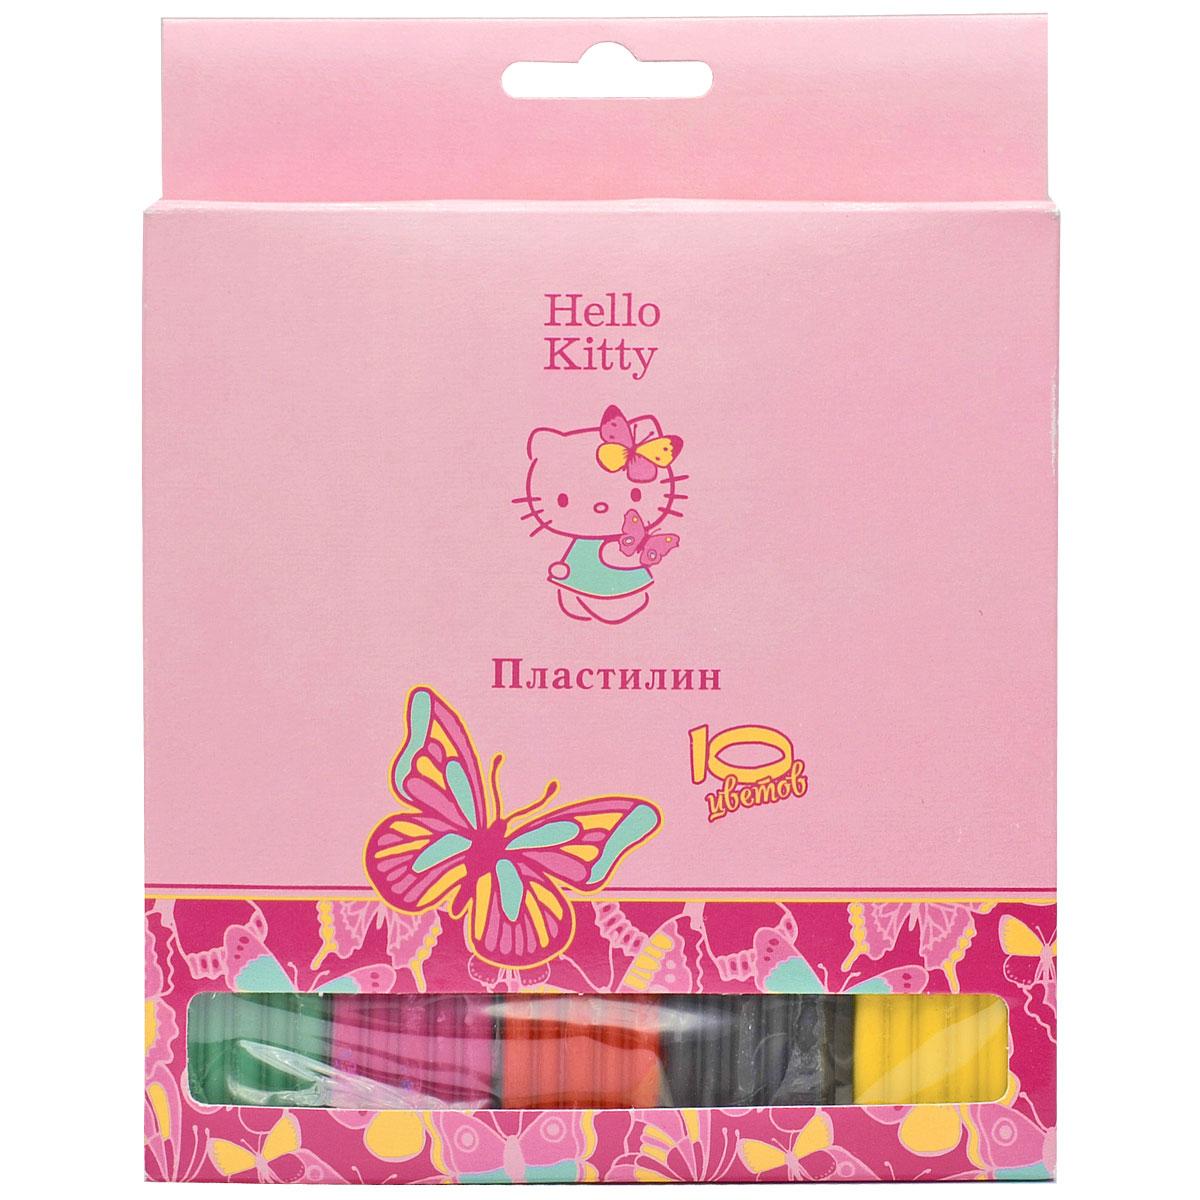 Action! Пластилин Hello Kitty 10 цветов72523WDНабор пластилина Action! Hello Kitty поможет вашему малышу создавать не только прекрасные поделки, но и рисунки. Пластилин обладает особой мягкостью и пластичностью: легко разминается и моделируется детскими пальчиками, не пачкается, не прилипает к рукам и рабочей поверхности, не крошится, не высыхает и хорошо держит форму.Смешивайте цвета, экспериментируйте и развивайте малютку: лепка активно тренирует у ребенка мелкую моторику и умение работать пальчиками, развивает тактильное восприятие формы, веса и фактуры, совершенствует воображение и пространственное мышление.